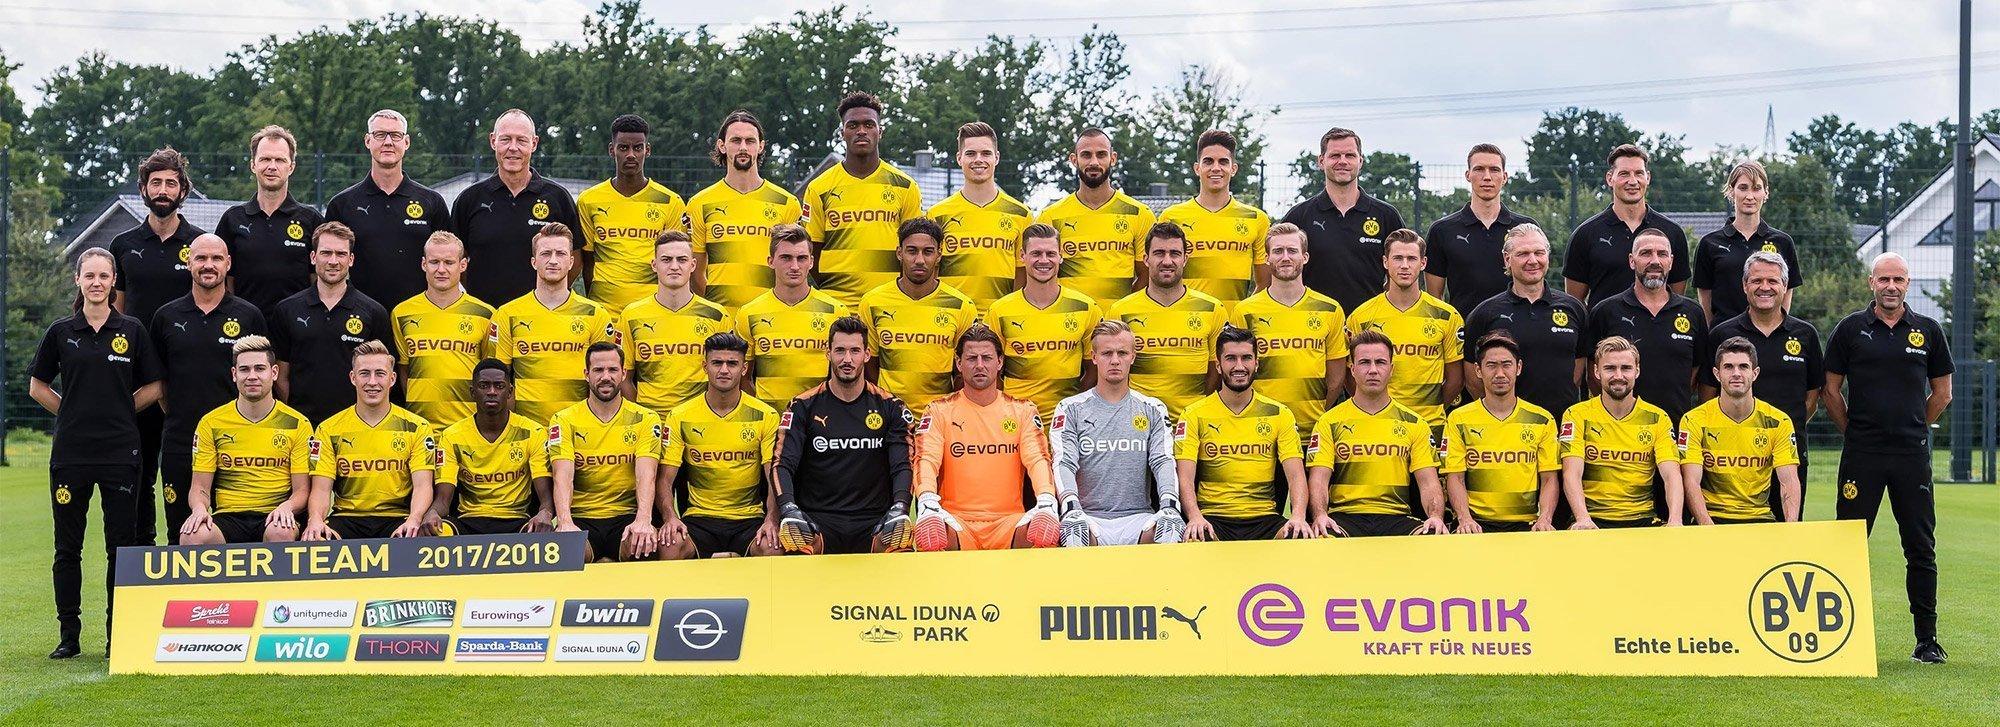 Der aktuelle BVB-Kader für die Saison 2017/18 (Foto: BVB)